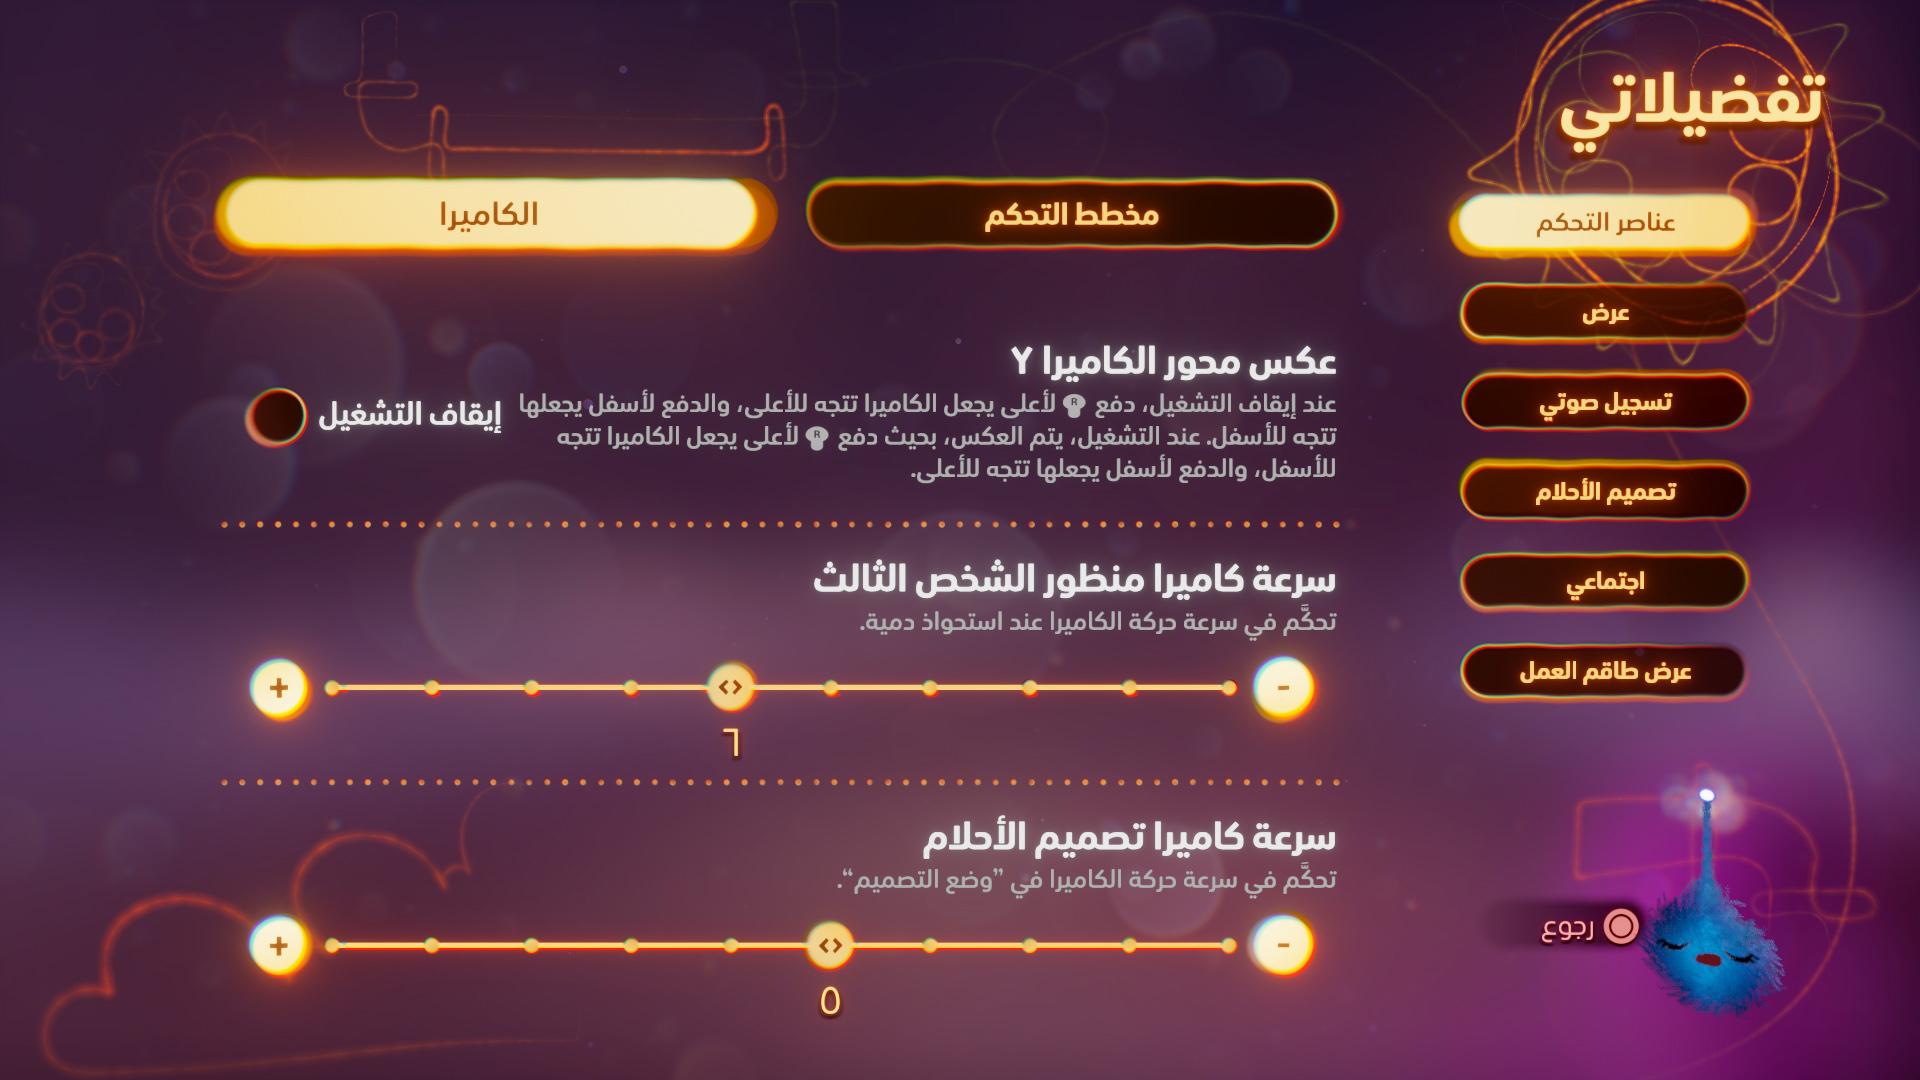 لقطة شاشة تُظهر خيارات الكاميرا في قائمة التفضيلات